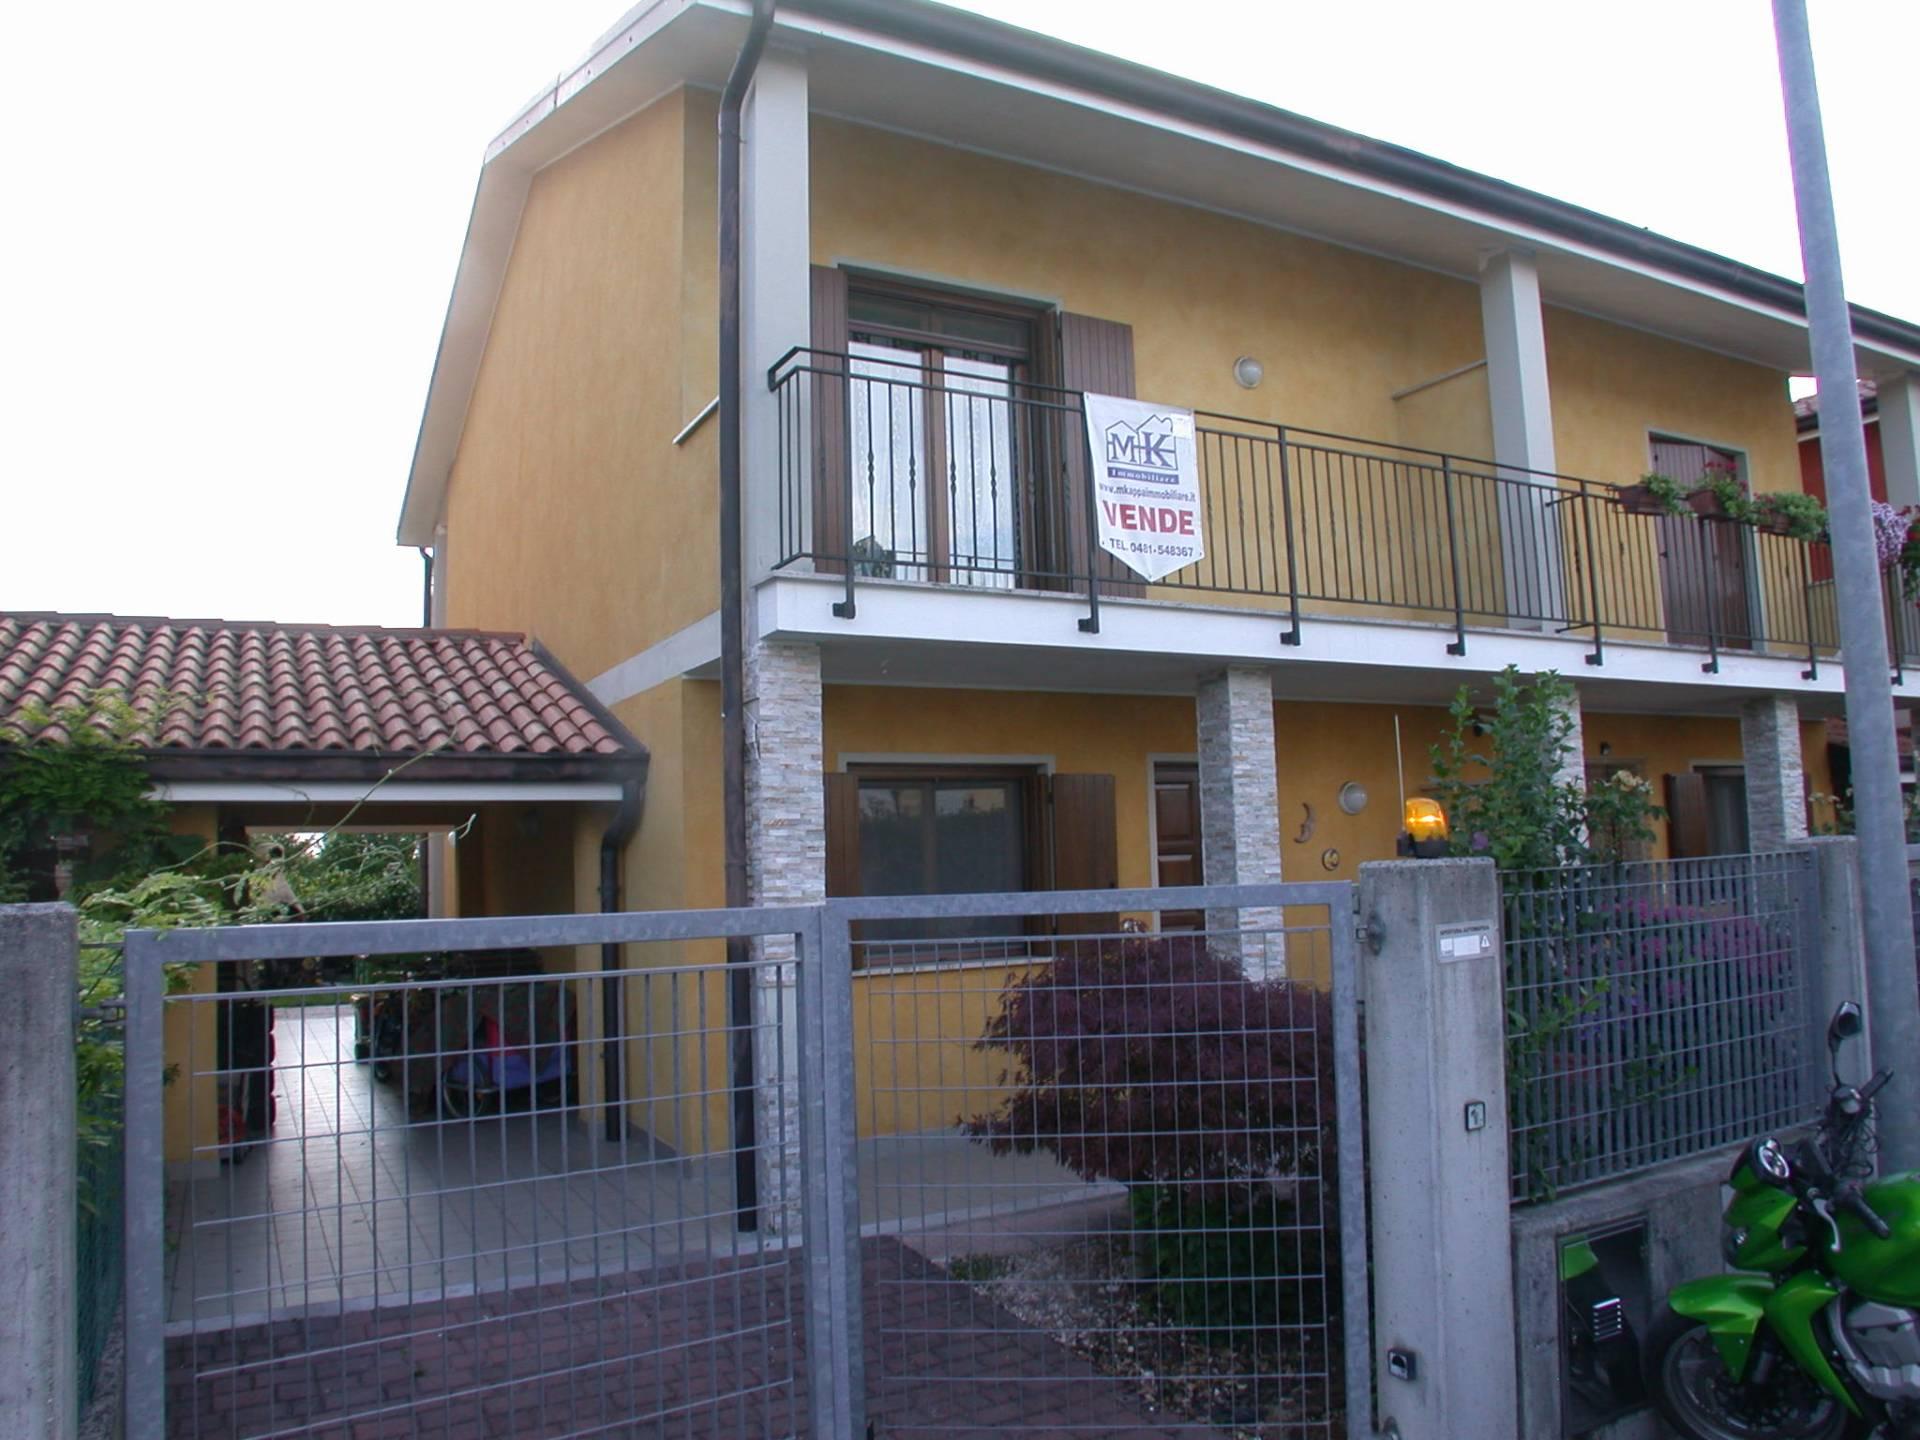 Villa Bifamiliare in vendita a Mossa, 6 locali, prezzo € 141.000 | CambioCasa.it